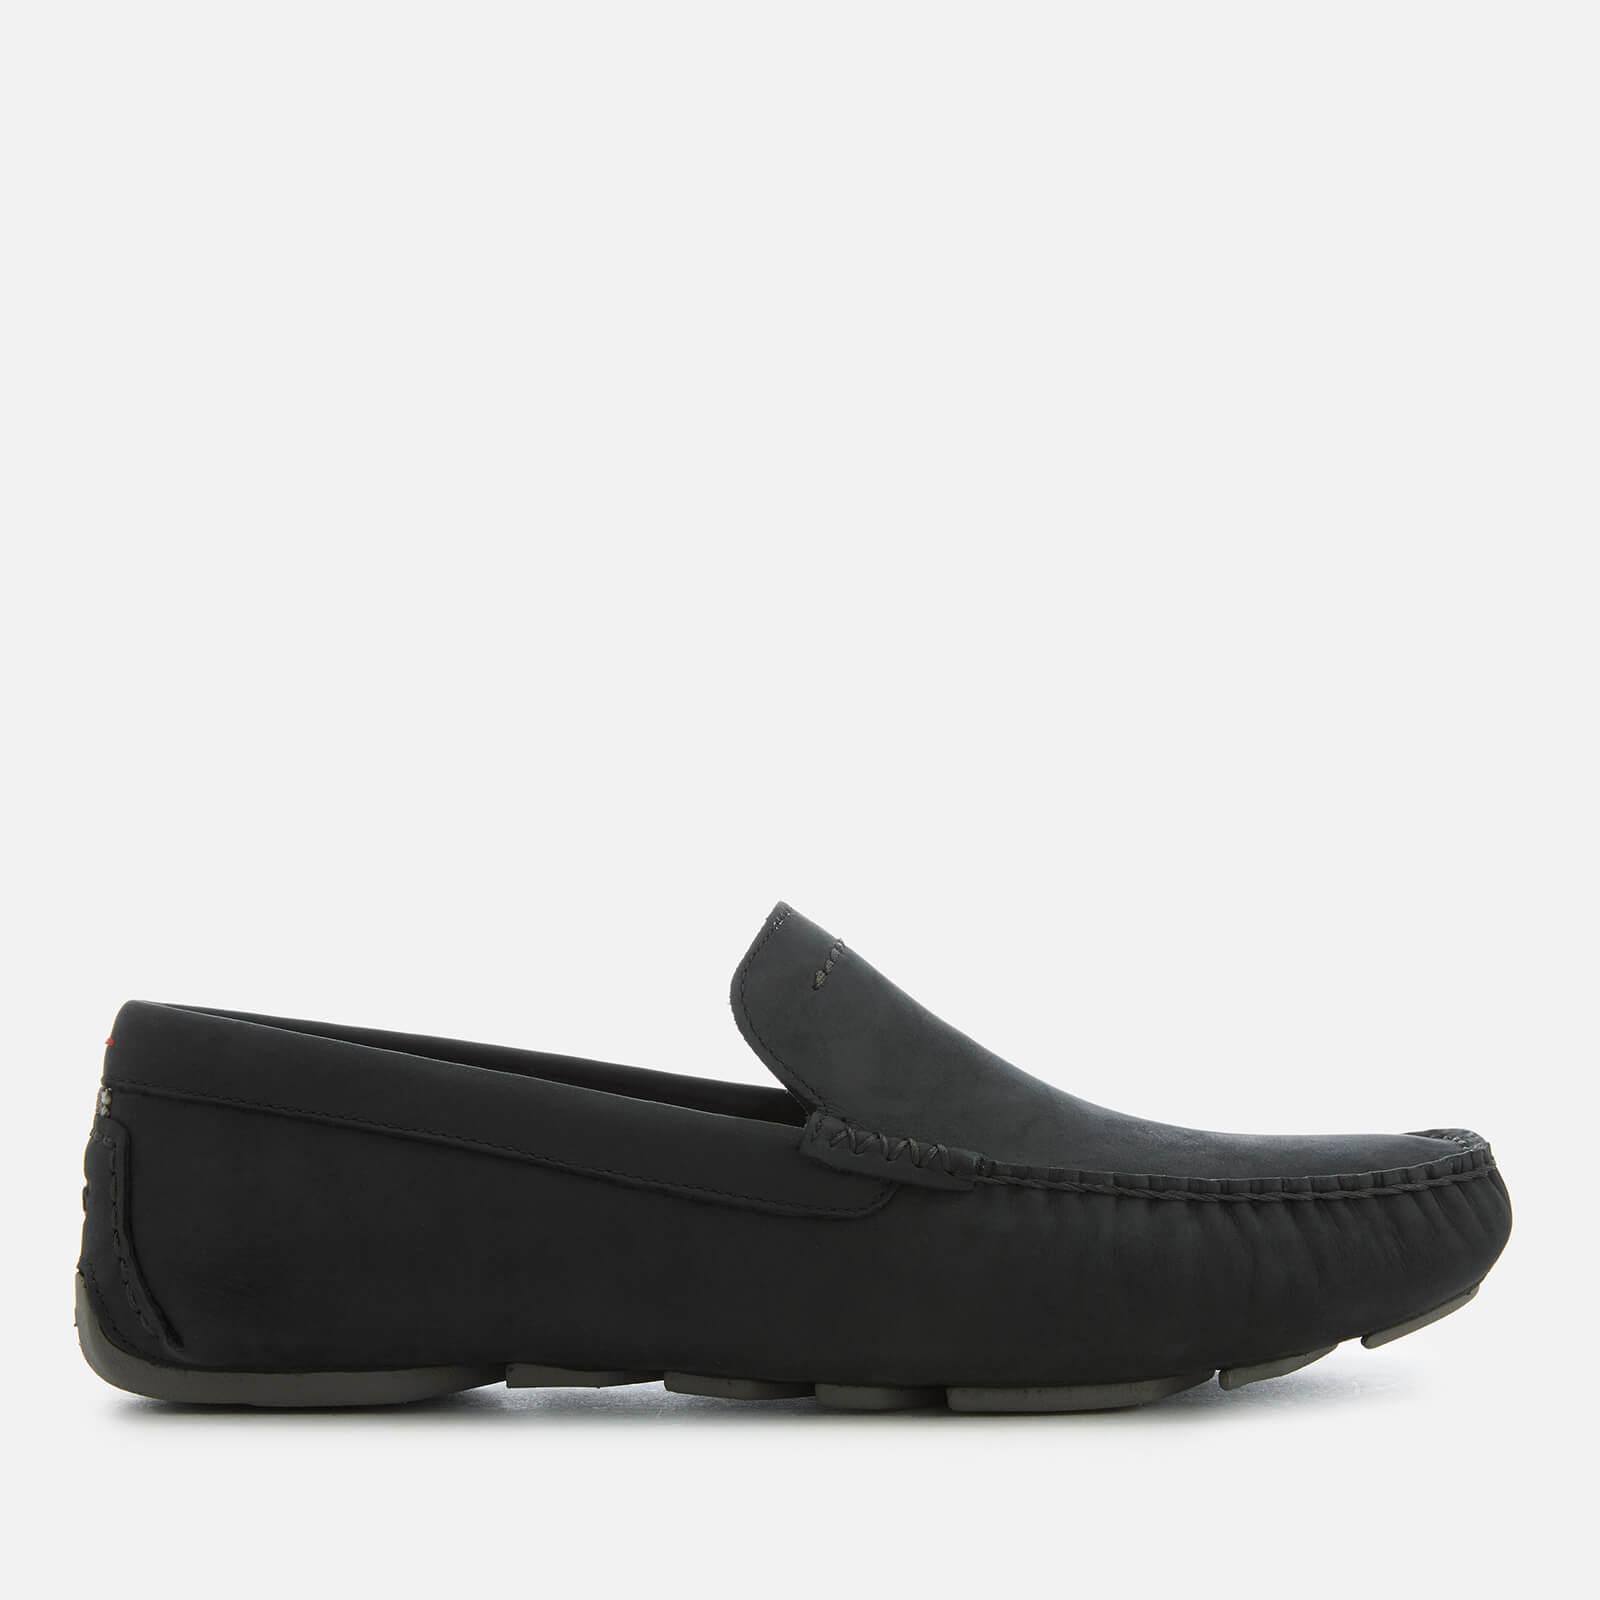 UGG Men's Henrick Driver Shoes - Black - UK 8